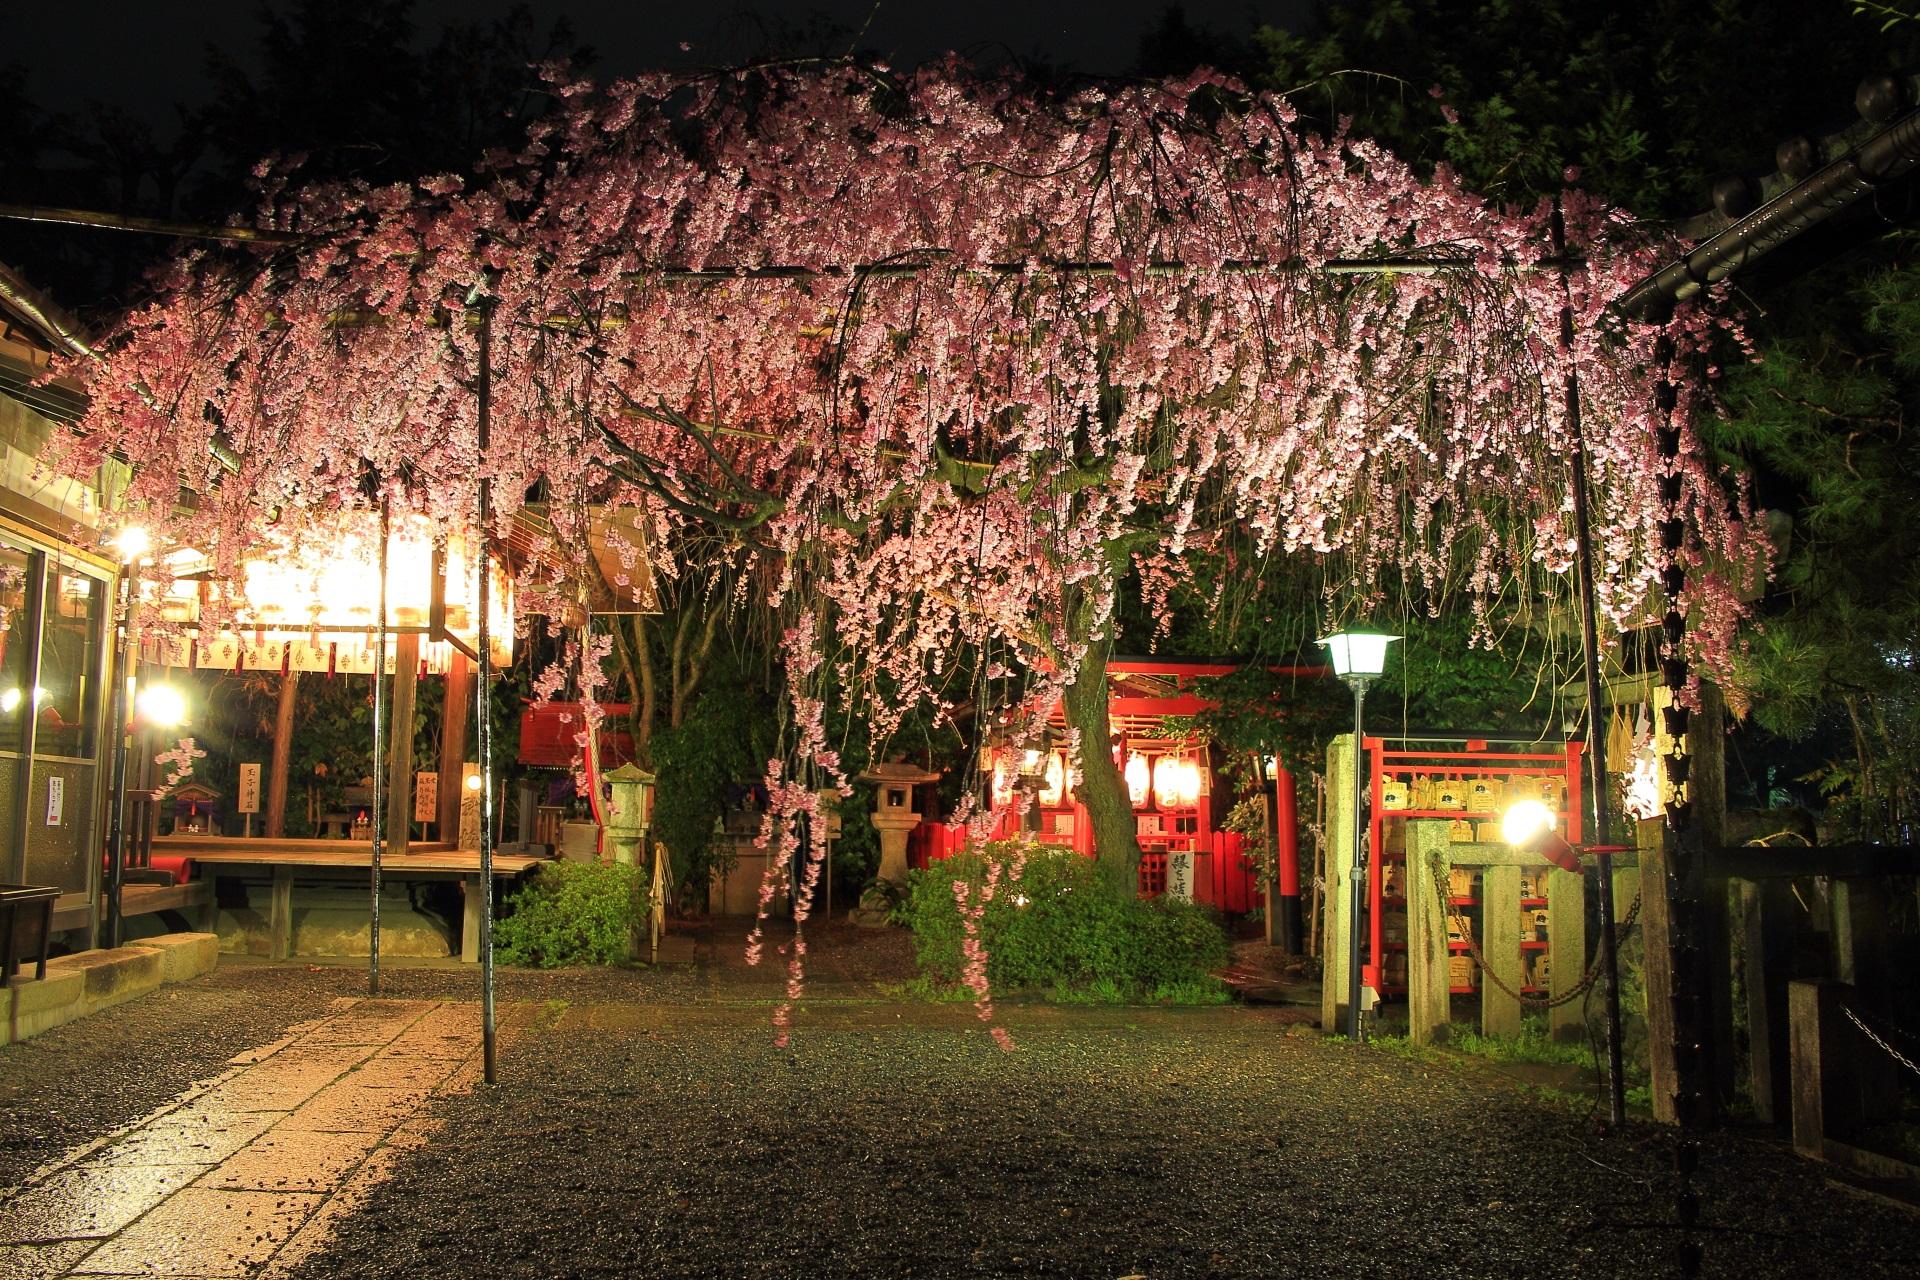 水火天満宮の幻想的なしだれ桜のライトアップ